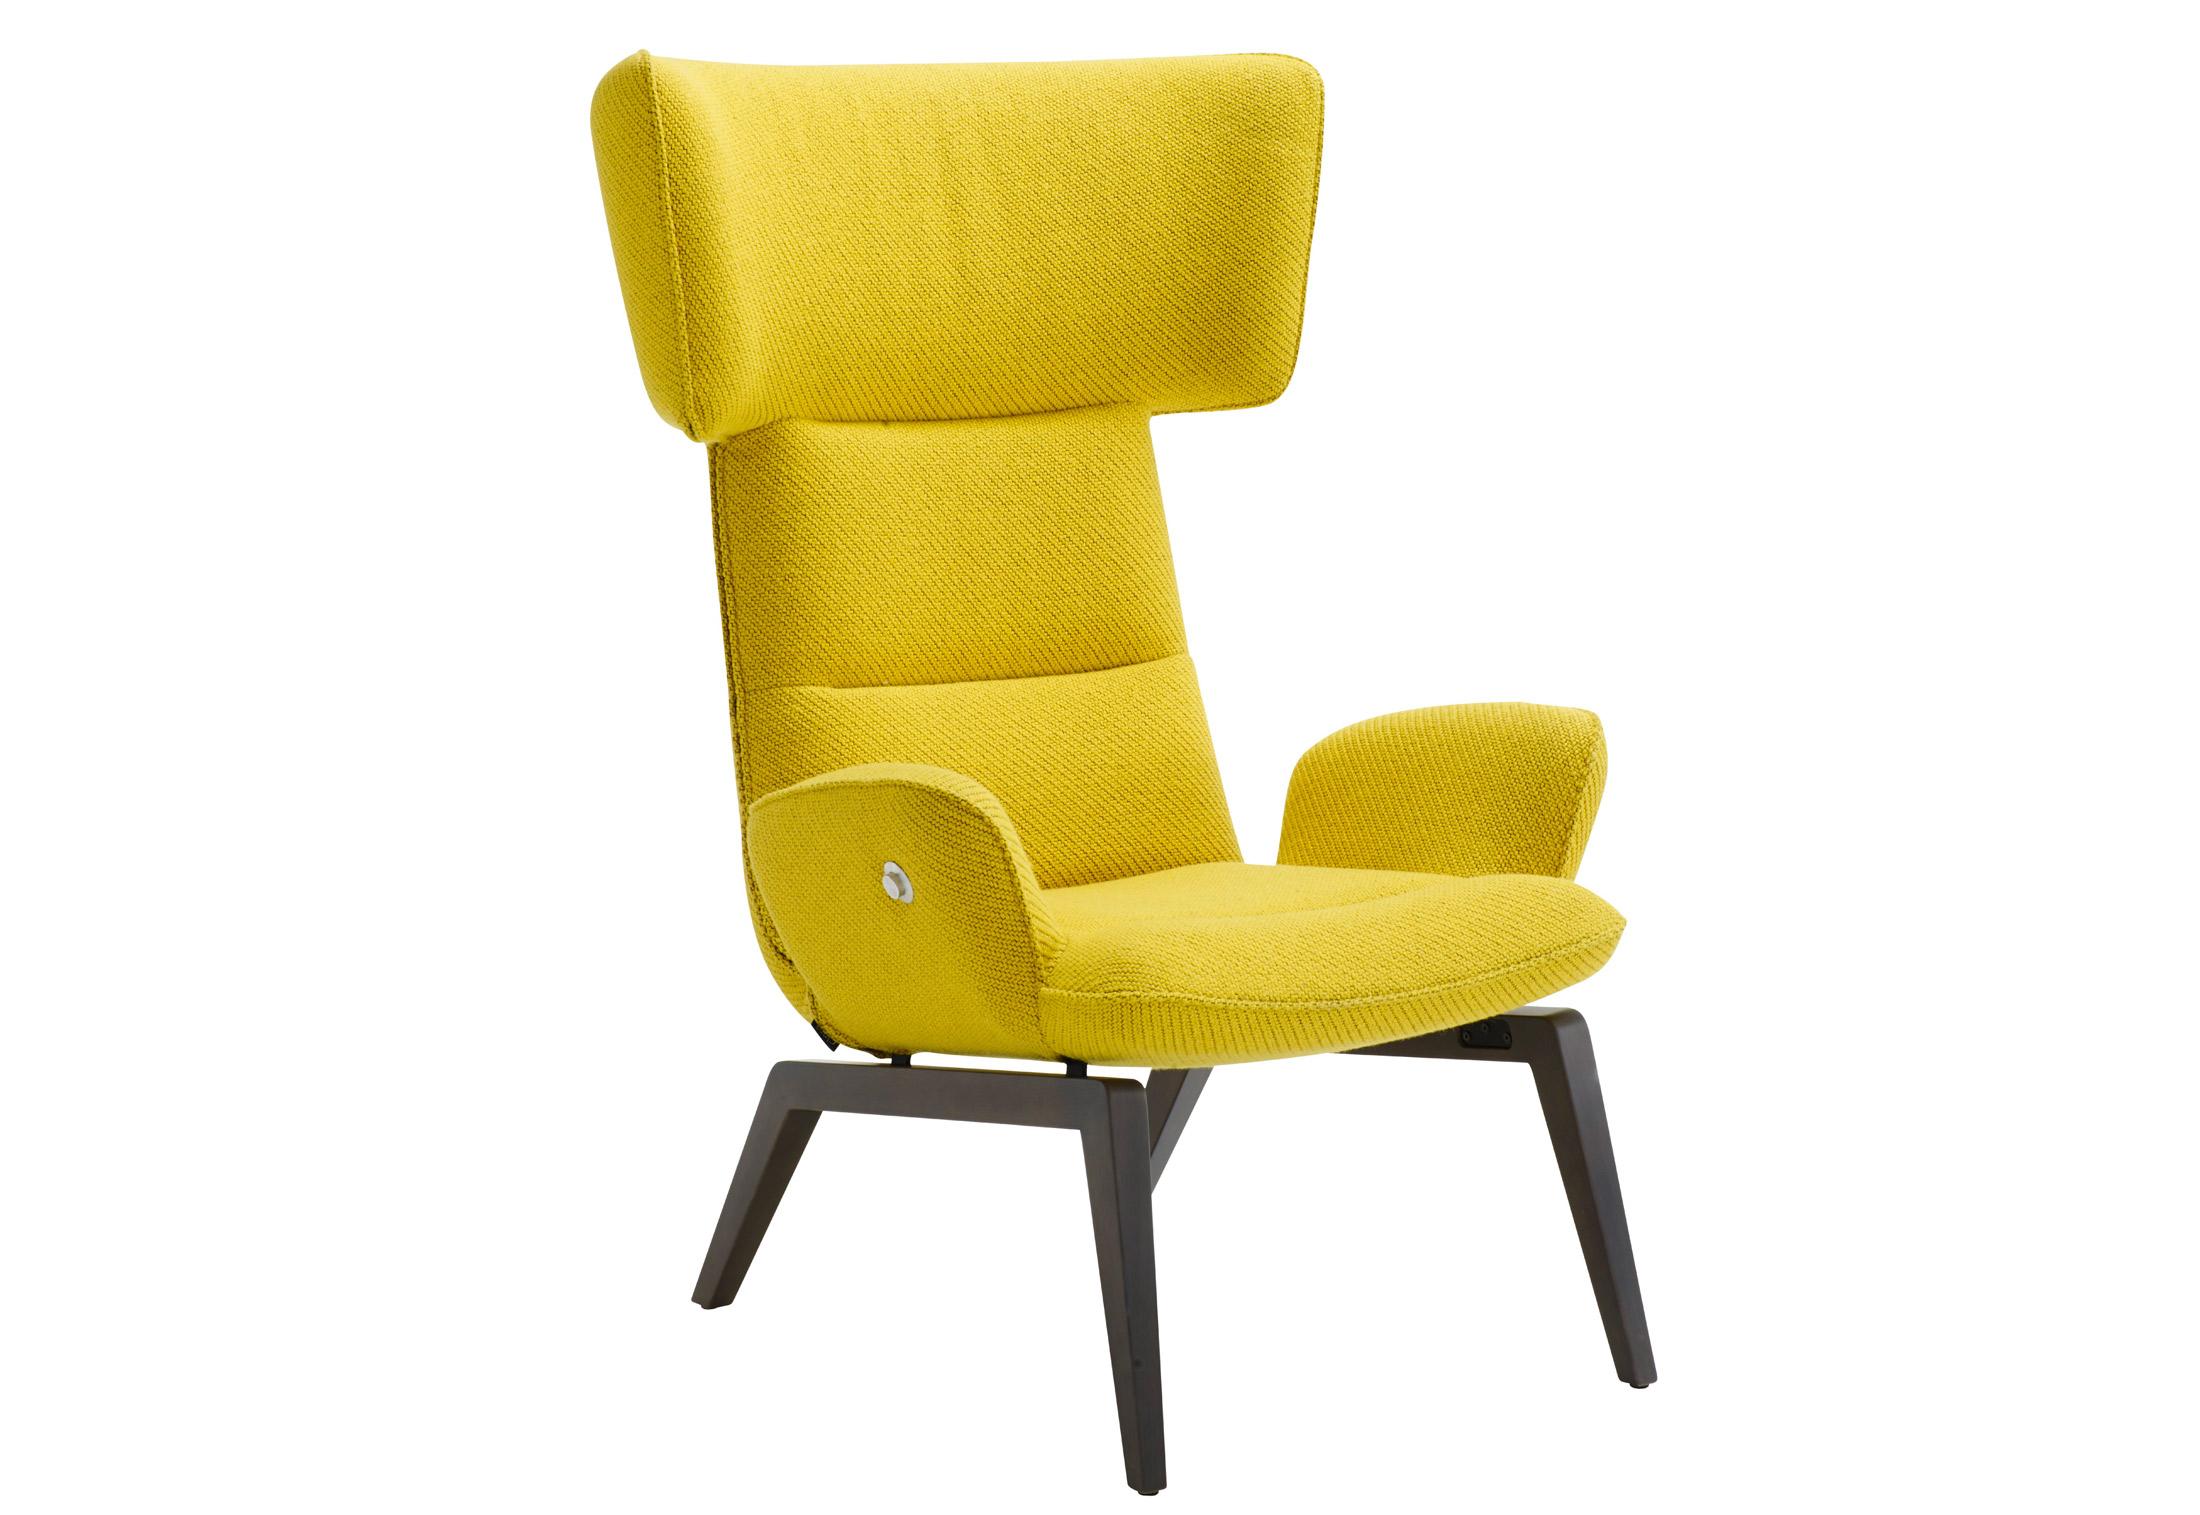 chair mit holzgestell von ligne roset stylepark. Black Bedroom Furniture Sets. Home Design Ideas